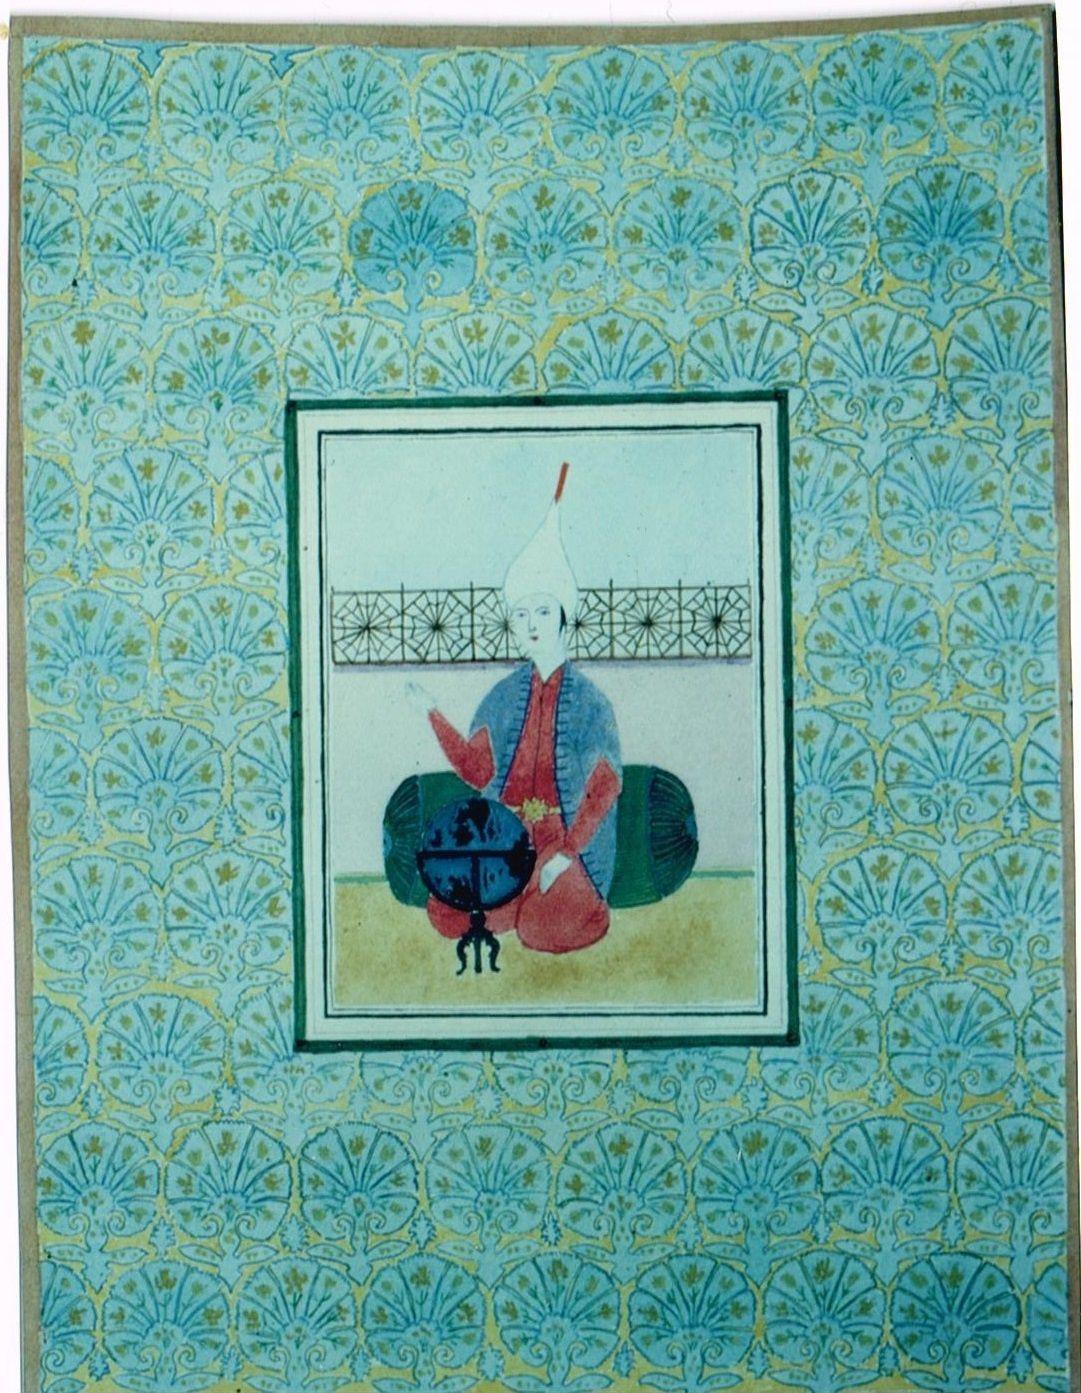 Pierre-Olivier Combelles. Autoportrait à la manière des miniatures persanes. Aquarelle. Vers 1977.